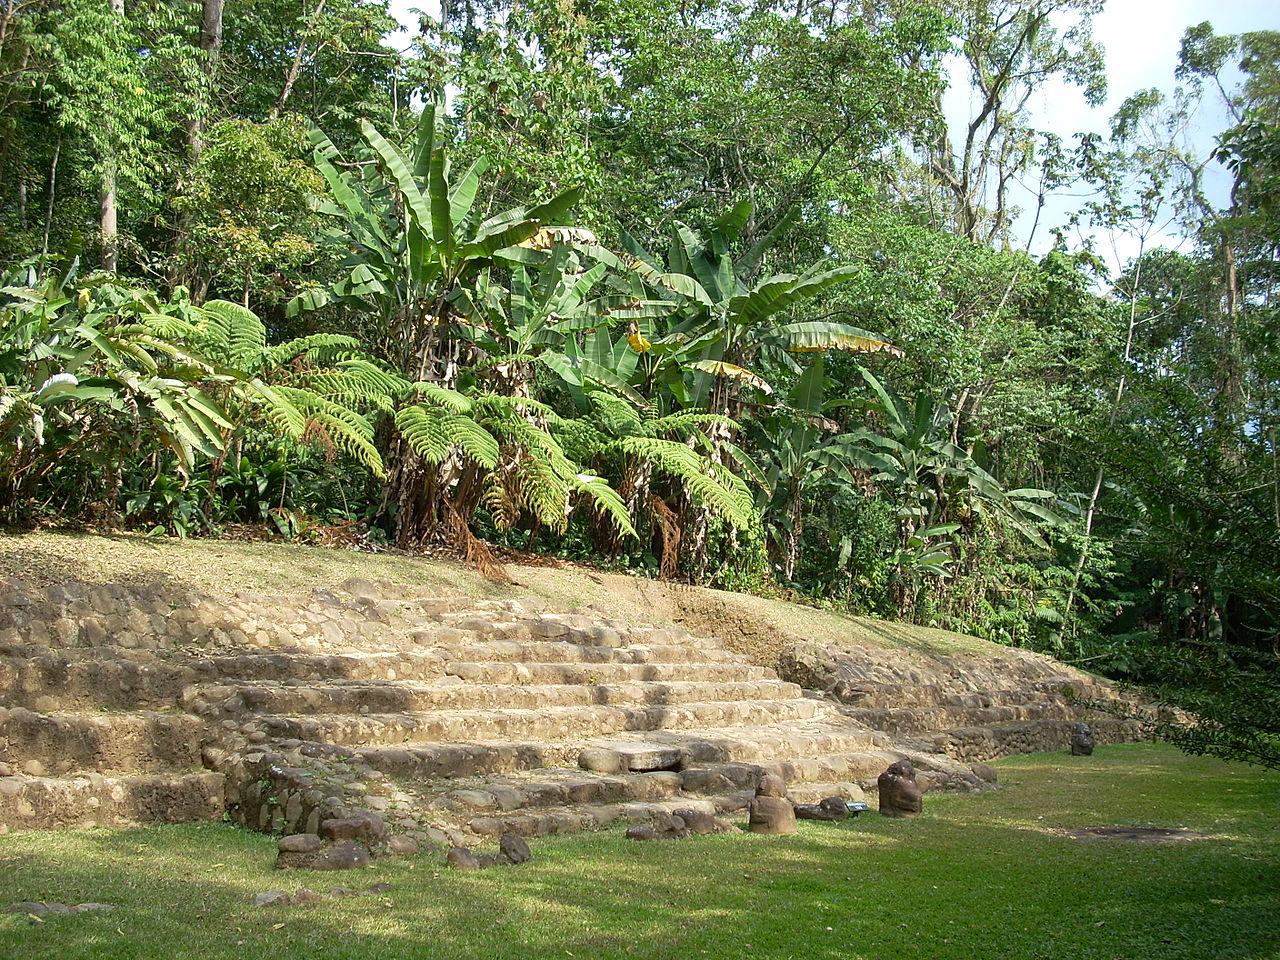 Takalik Abaj pyramid